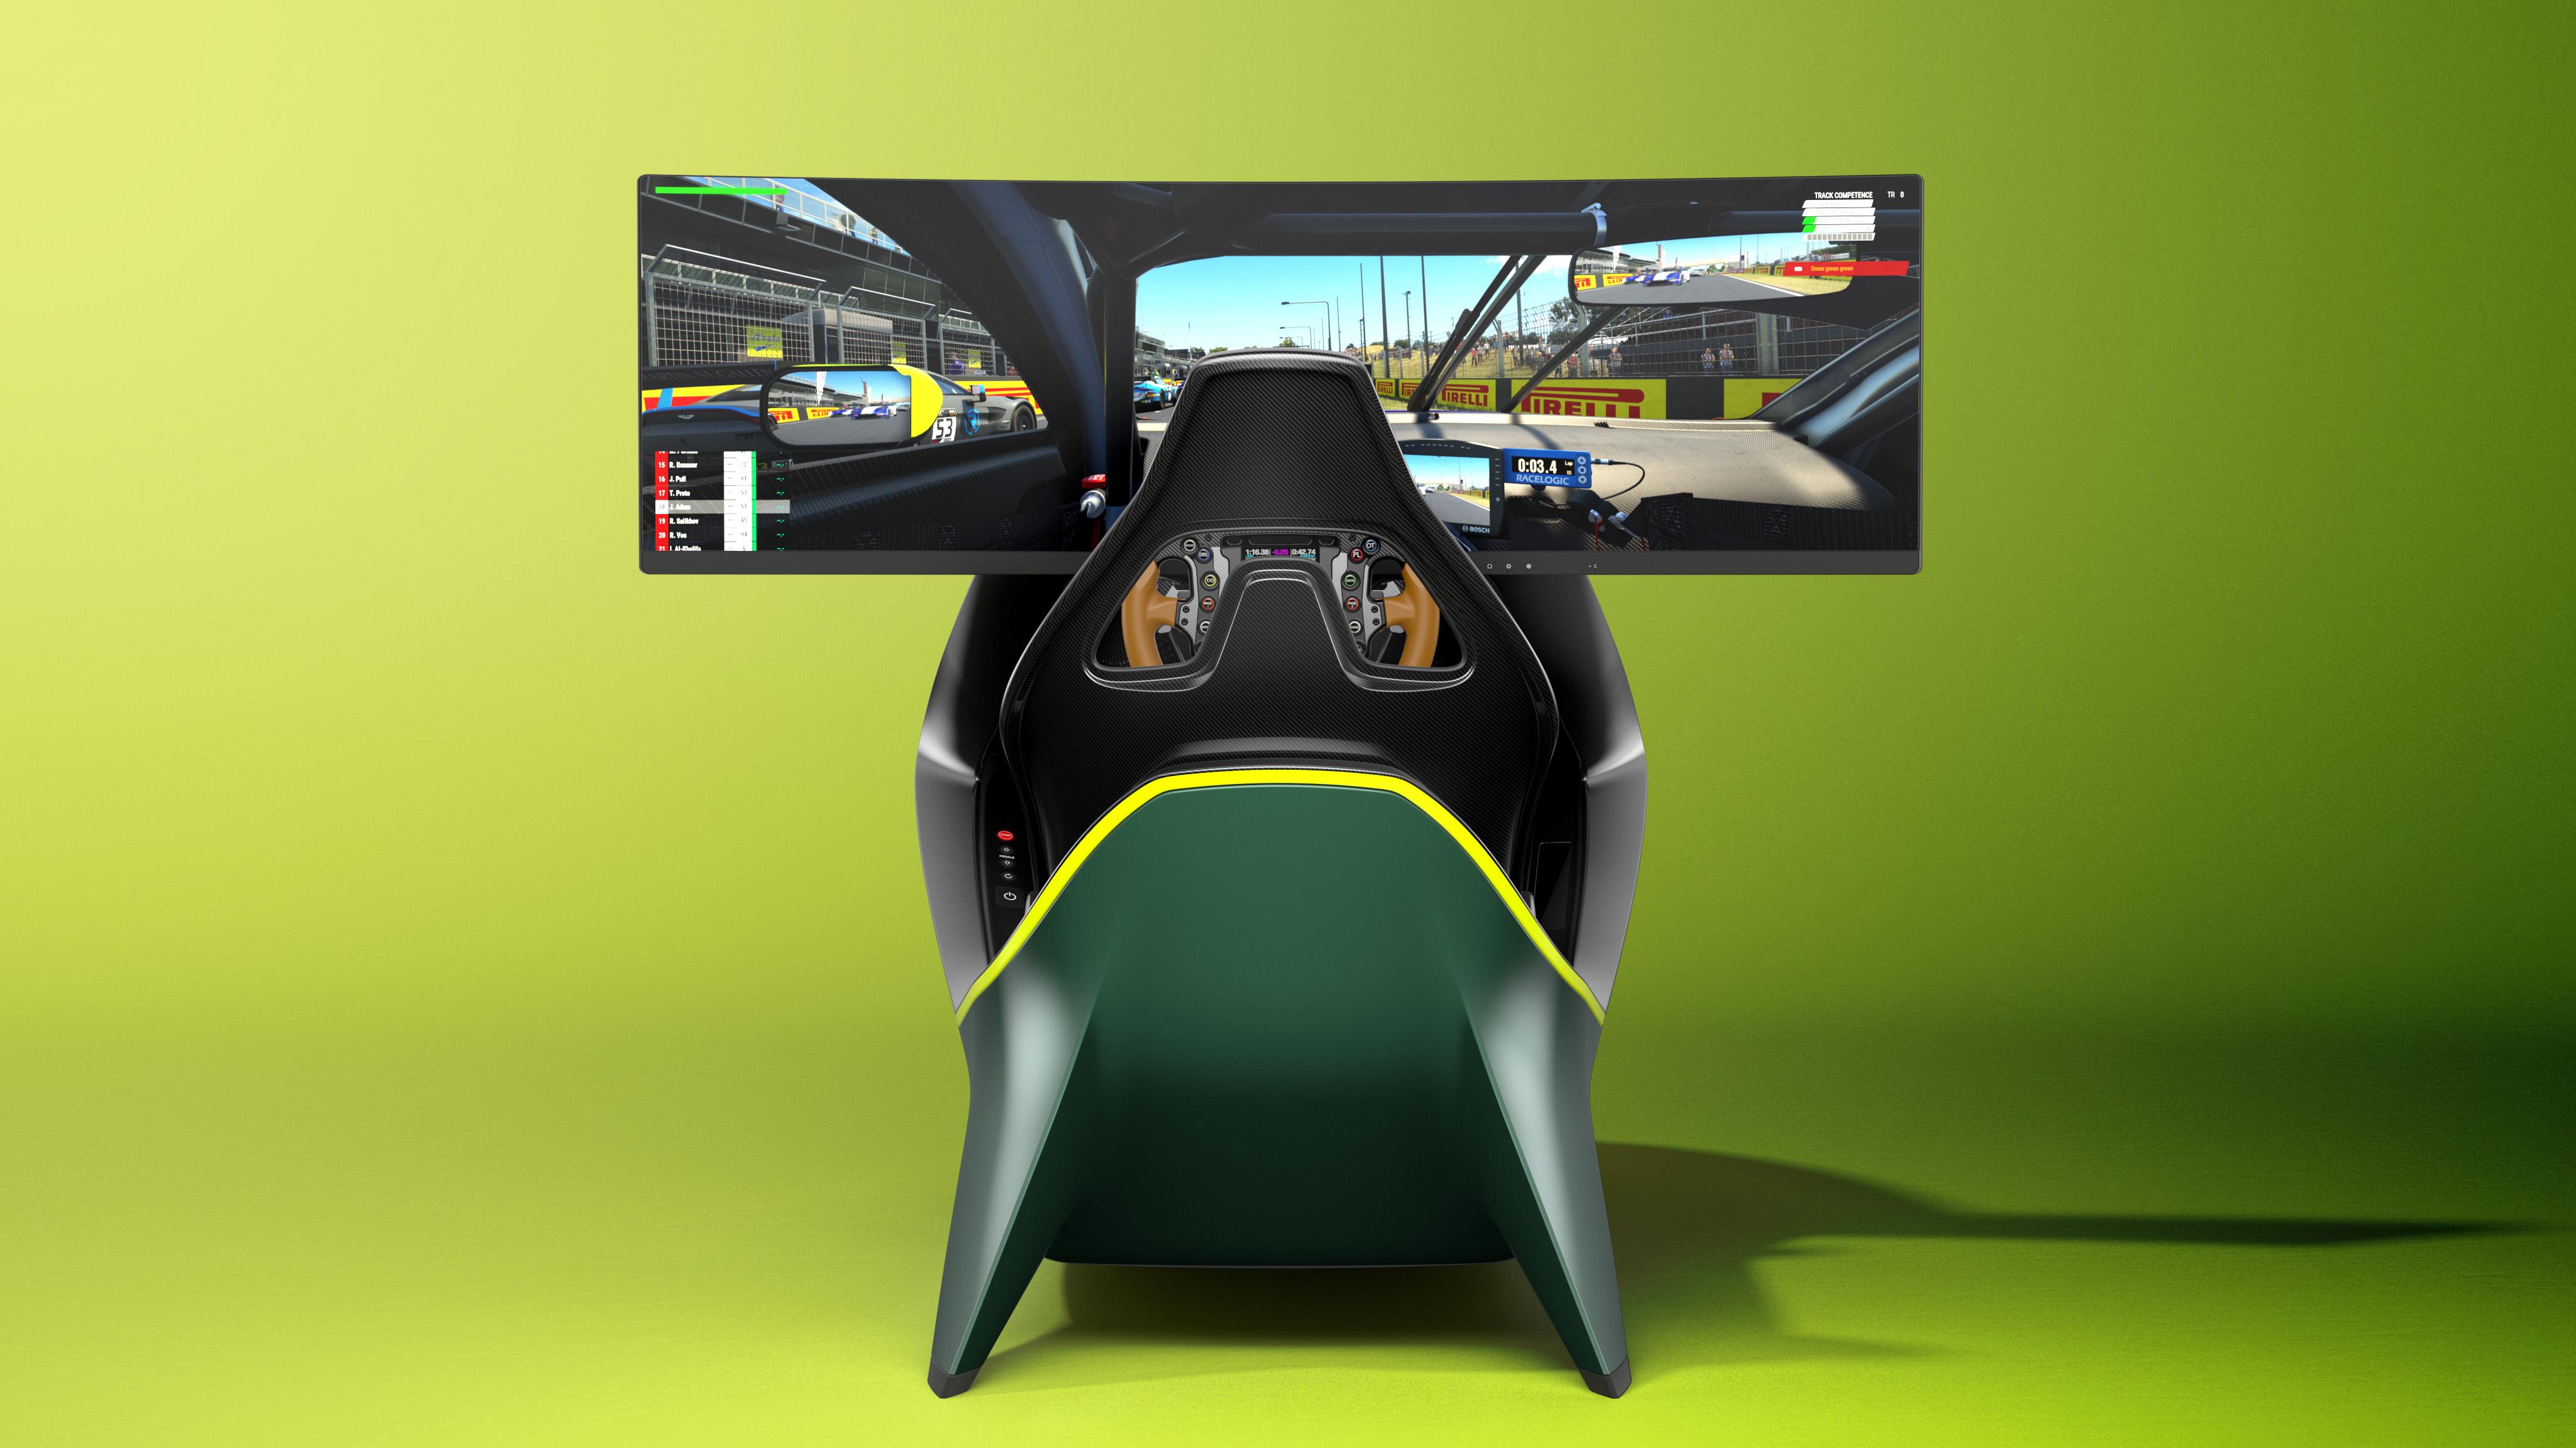 Aston Martin выпустит симулятор виртуальных гонок за 74 тысячи долларов